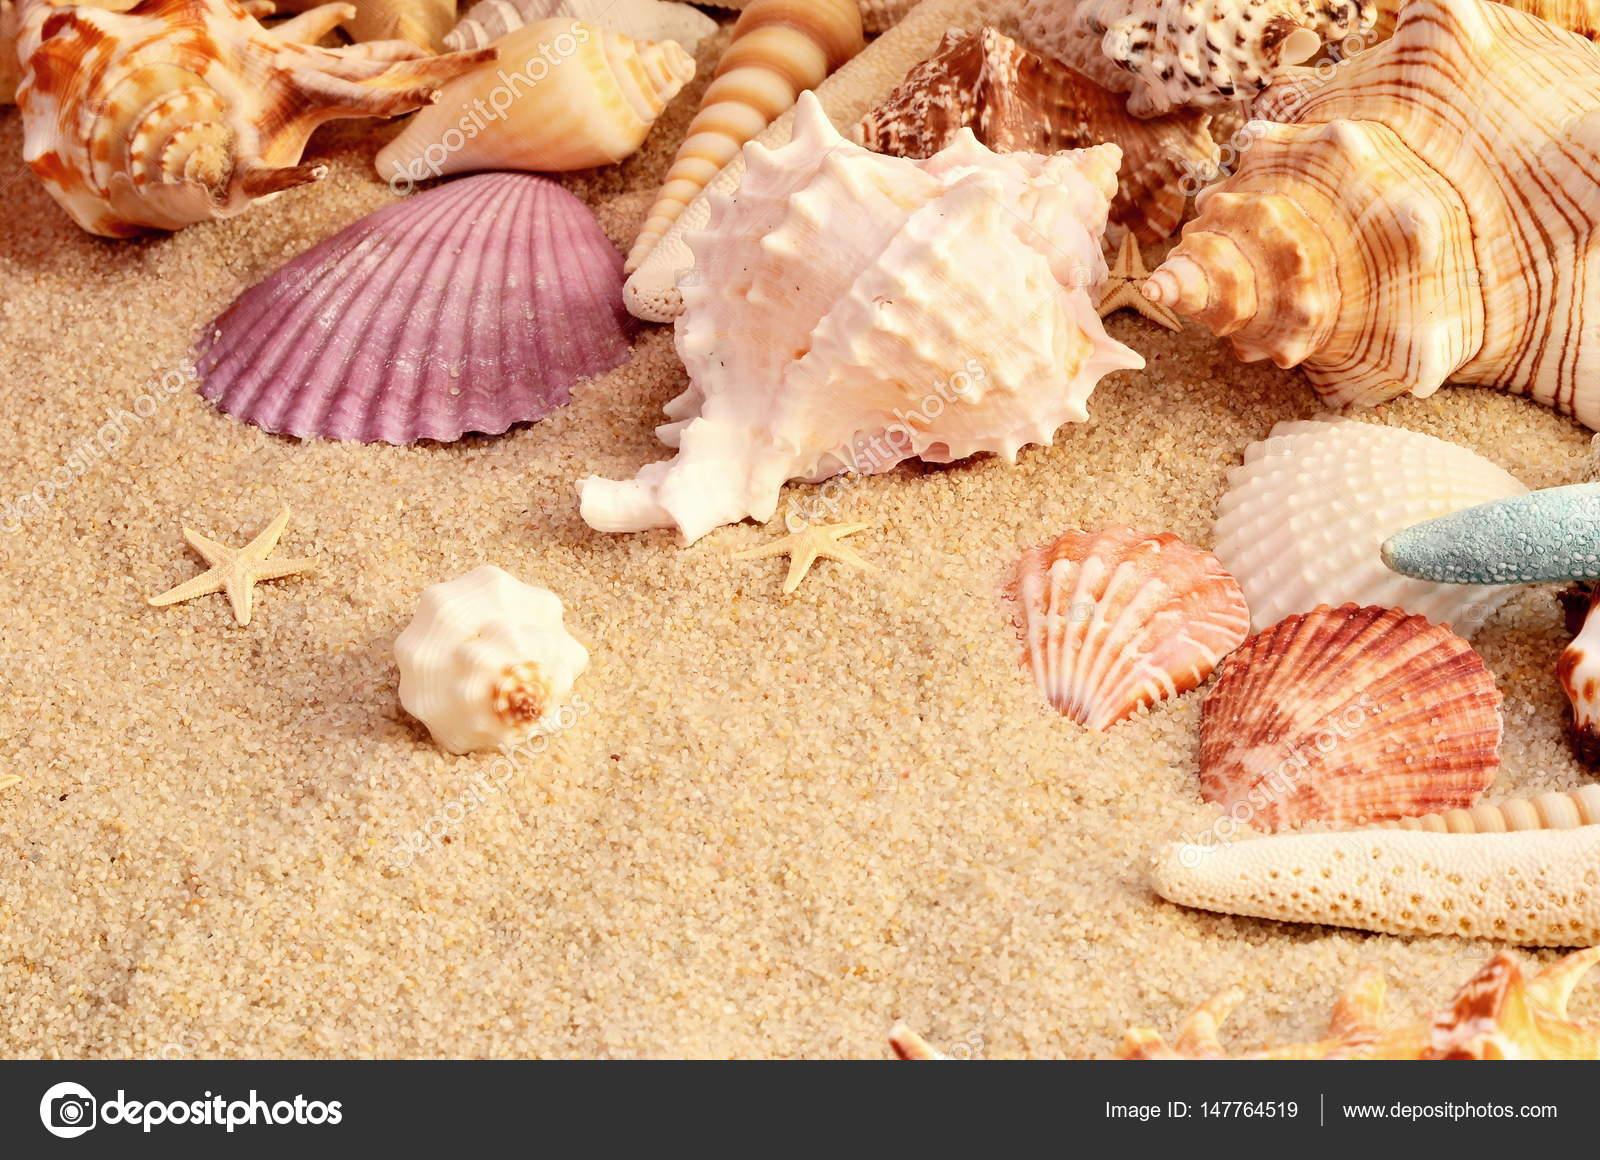 Imagenes Conchas De Mar Conchas De Mar Como Telon De Fondo - Fotos-de-conchas-de-mar